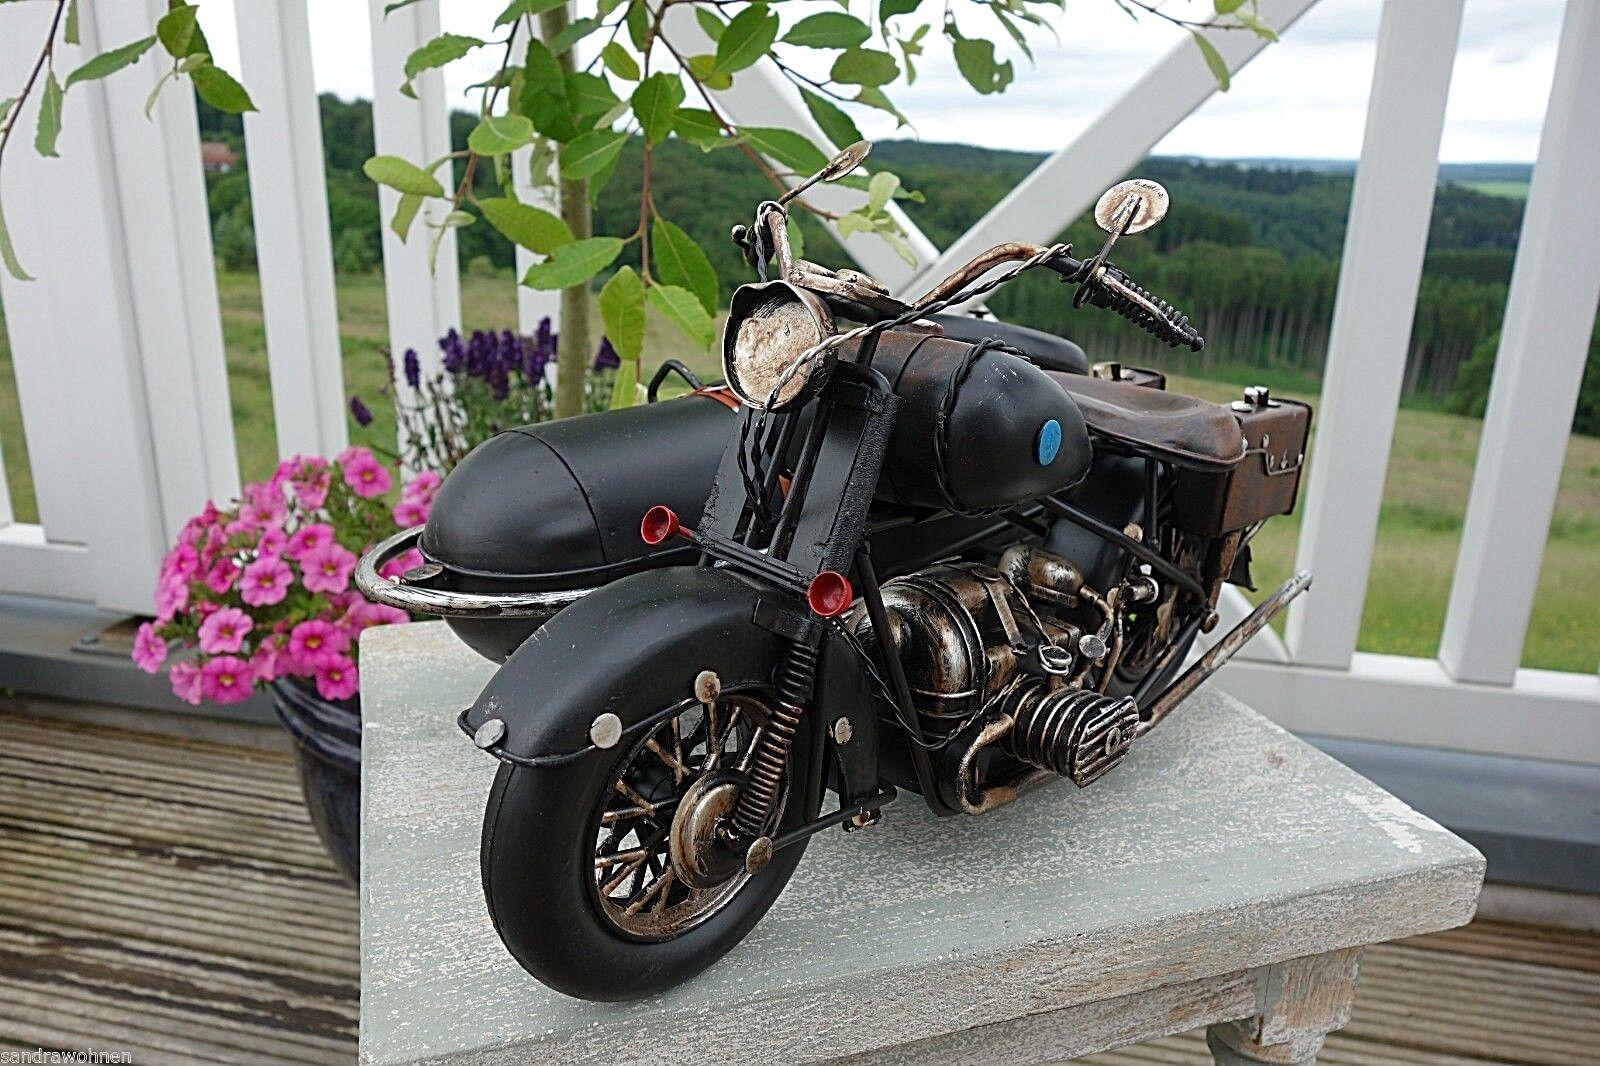 Nostalgie Motorrad Beiwagen Blechfahrzeug Sammlerstück Retro-Stil 18 x32 x22cm g